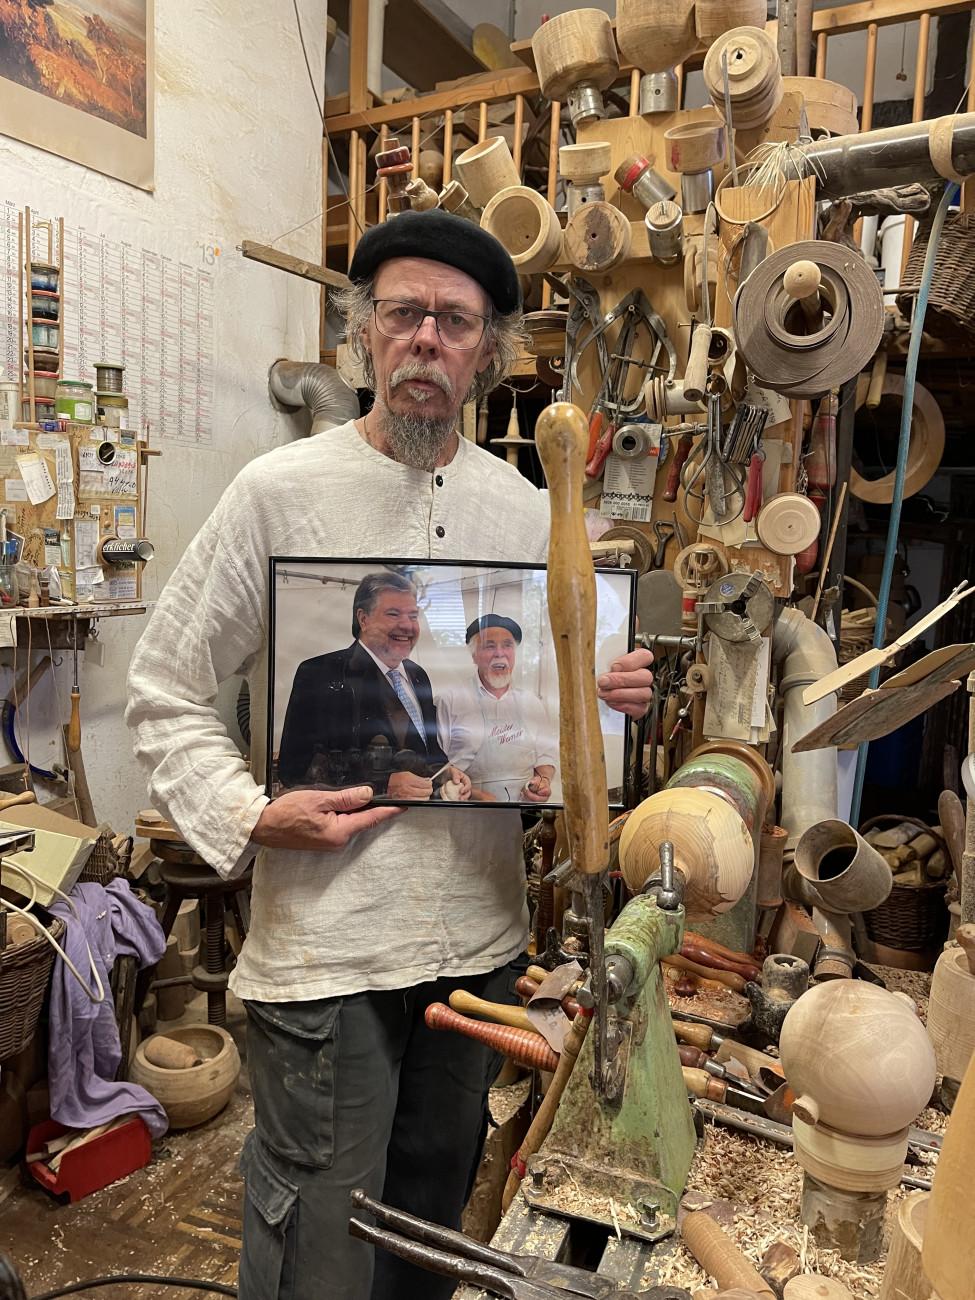 Udo Havekost, Weiterführung des Werkateliers meines 2018 verstorbenen Vaters in Rhodt unter Rietburg